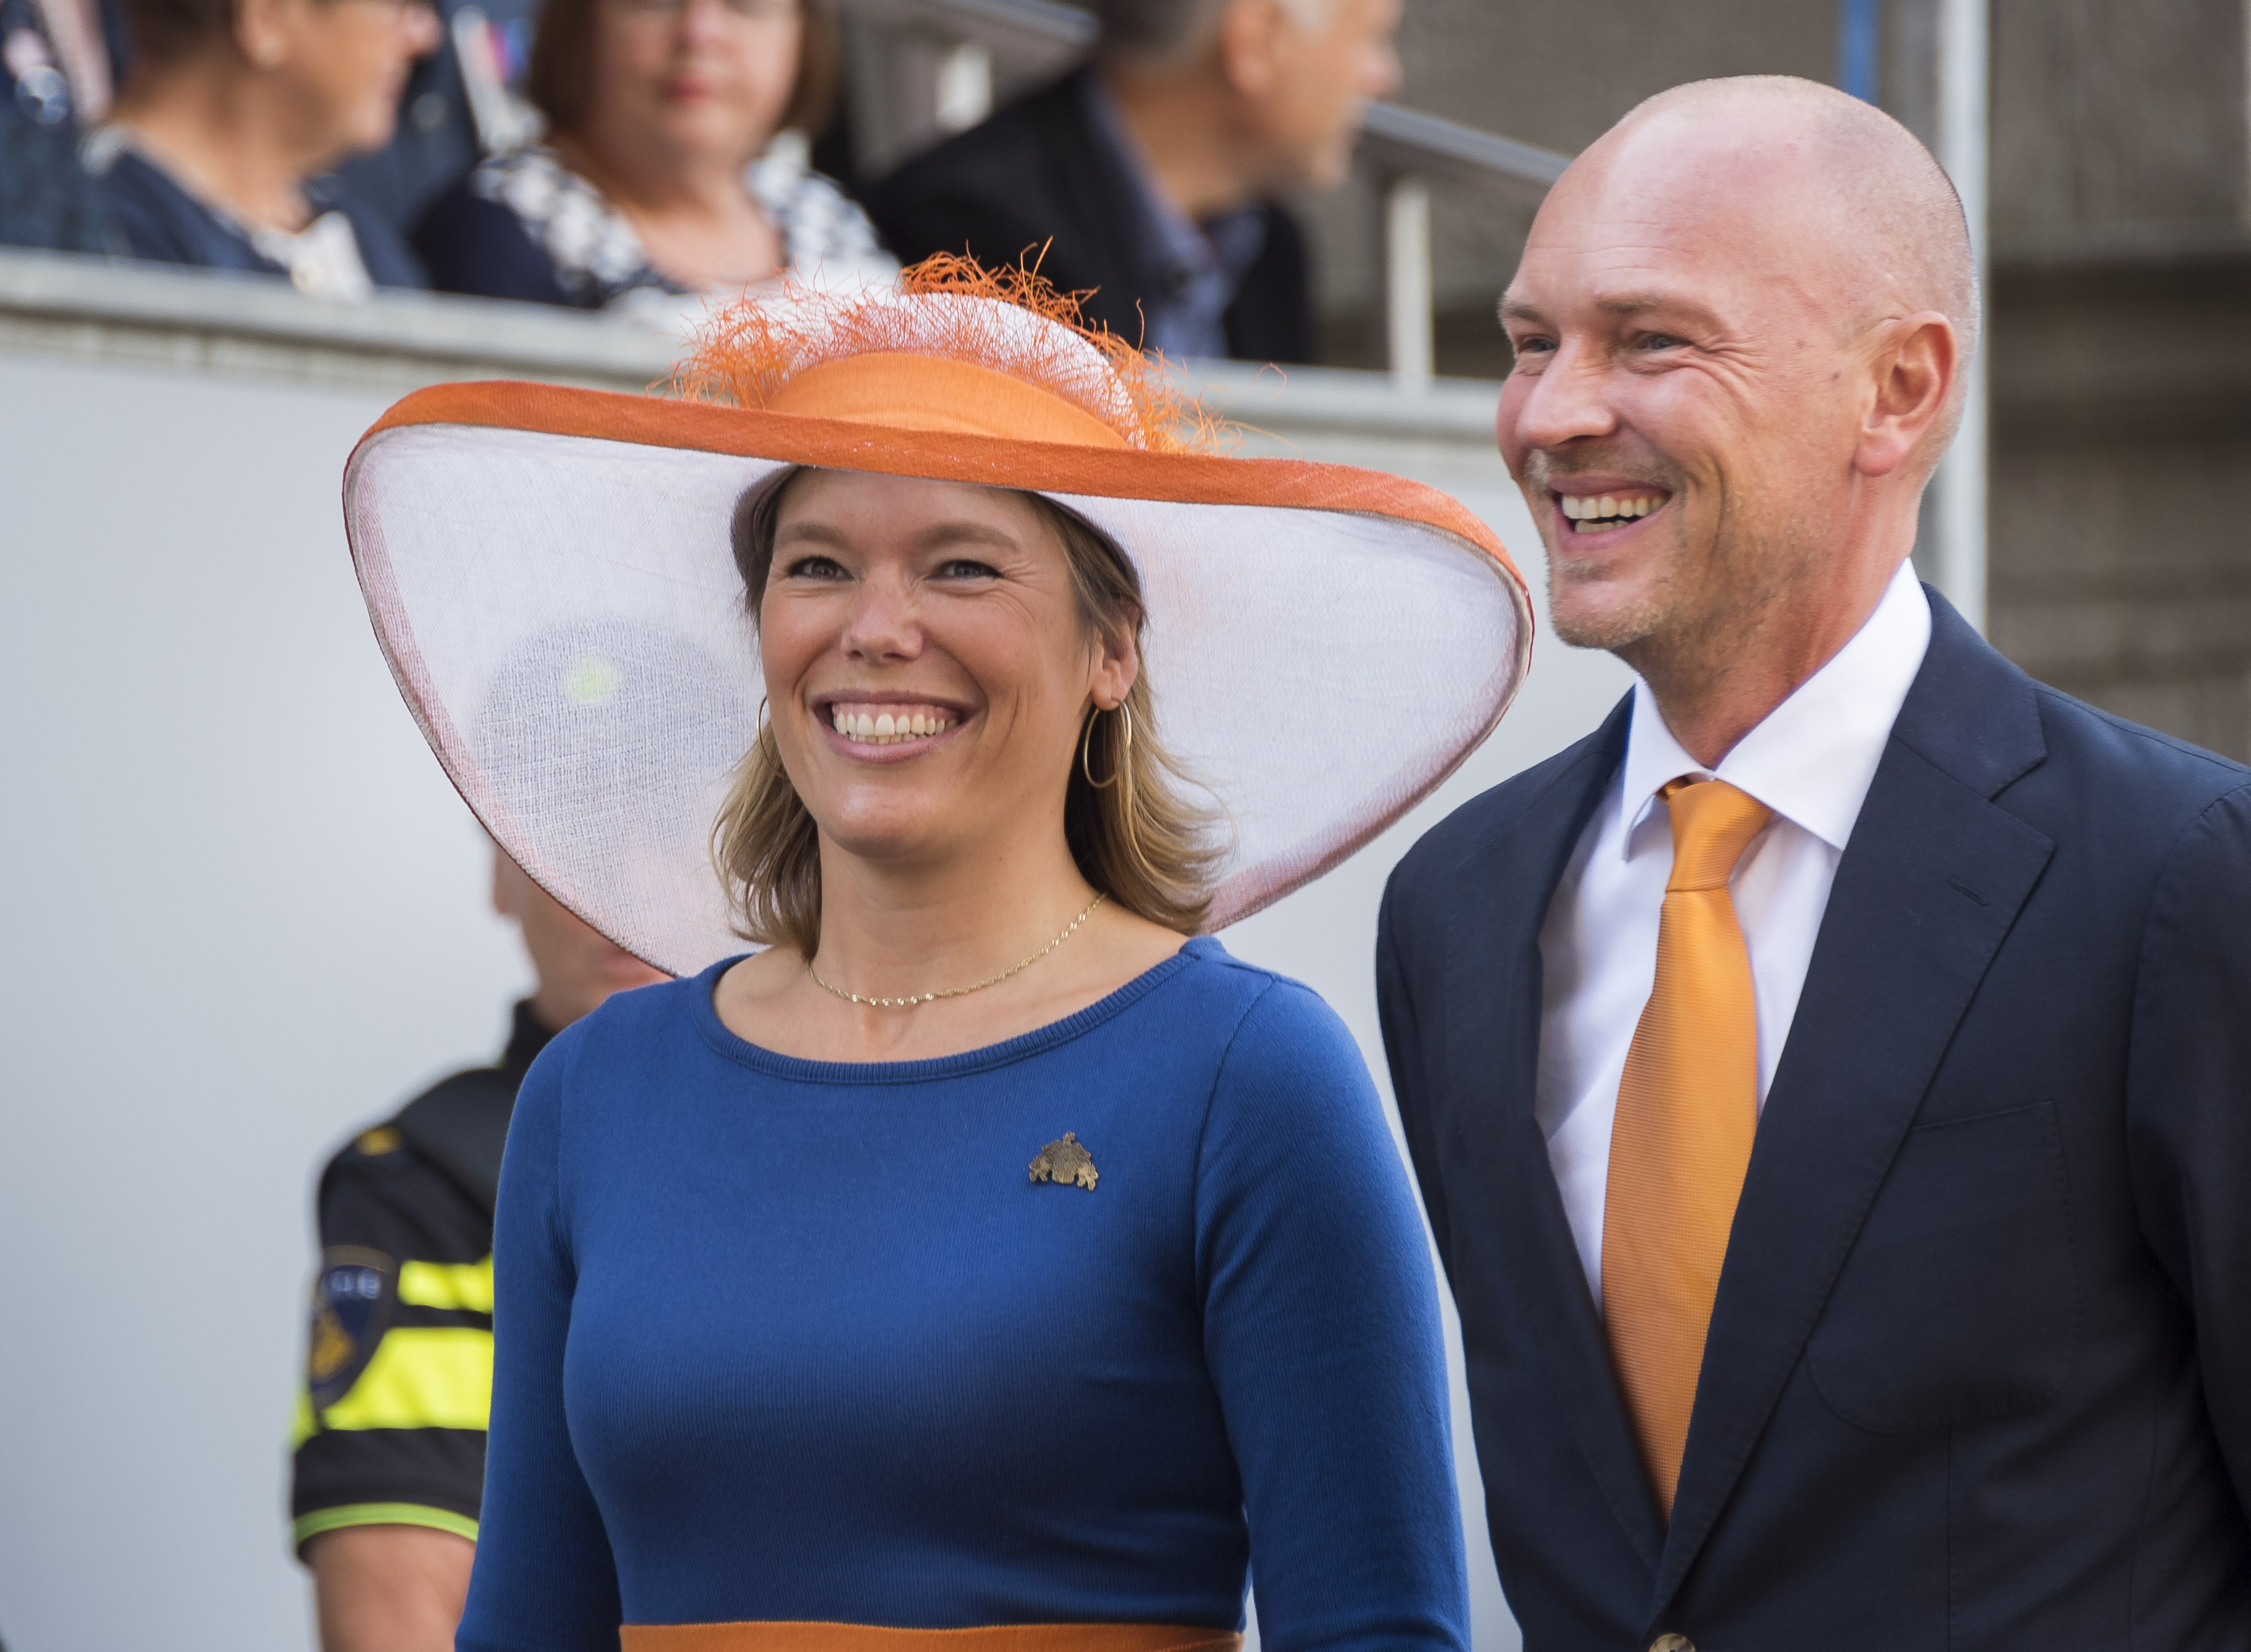 PvdA-Kamerlid Lea Bouwmeester met partner bij de Ridderzaal op Prinsjesdag